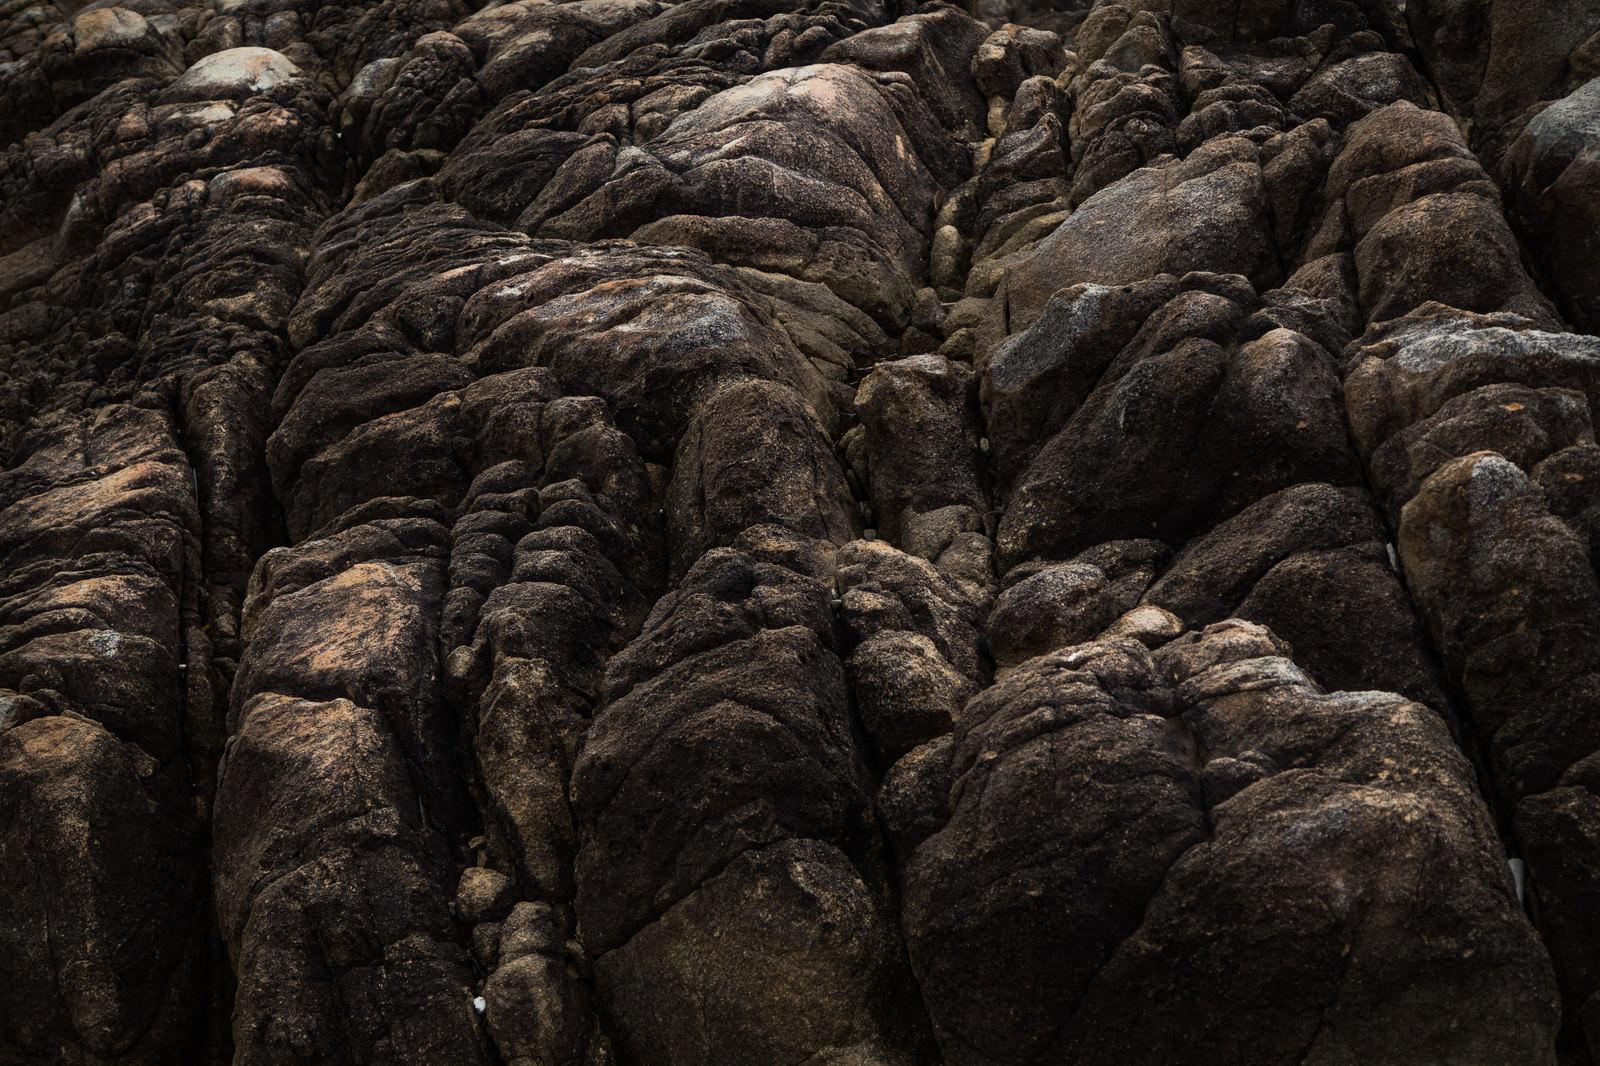 「樹皮のような岩石」の写真